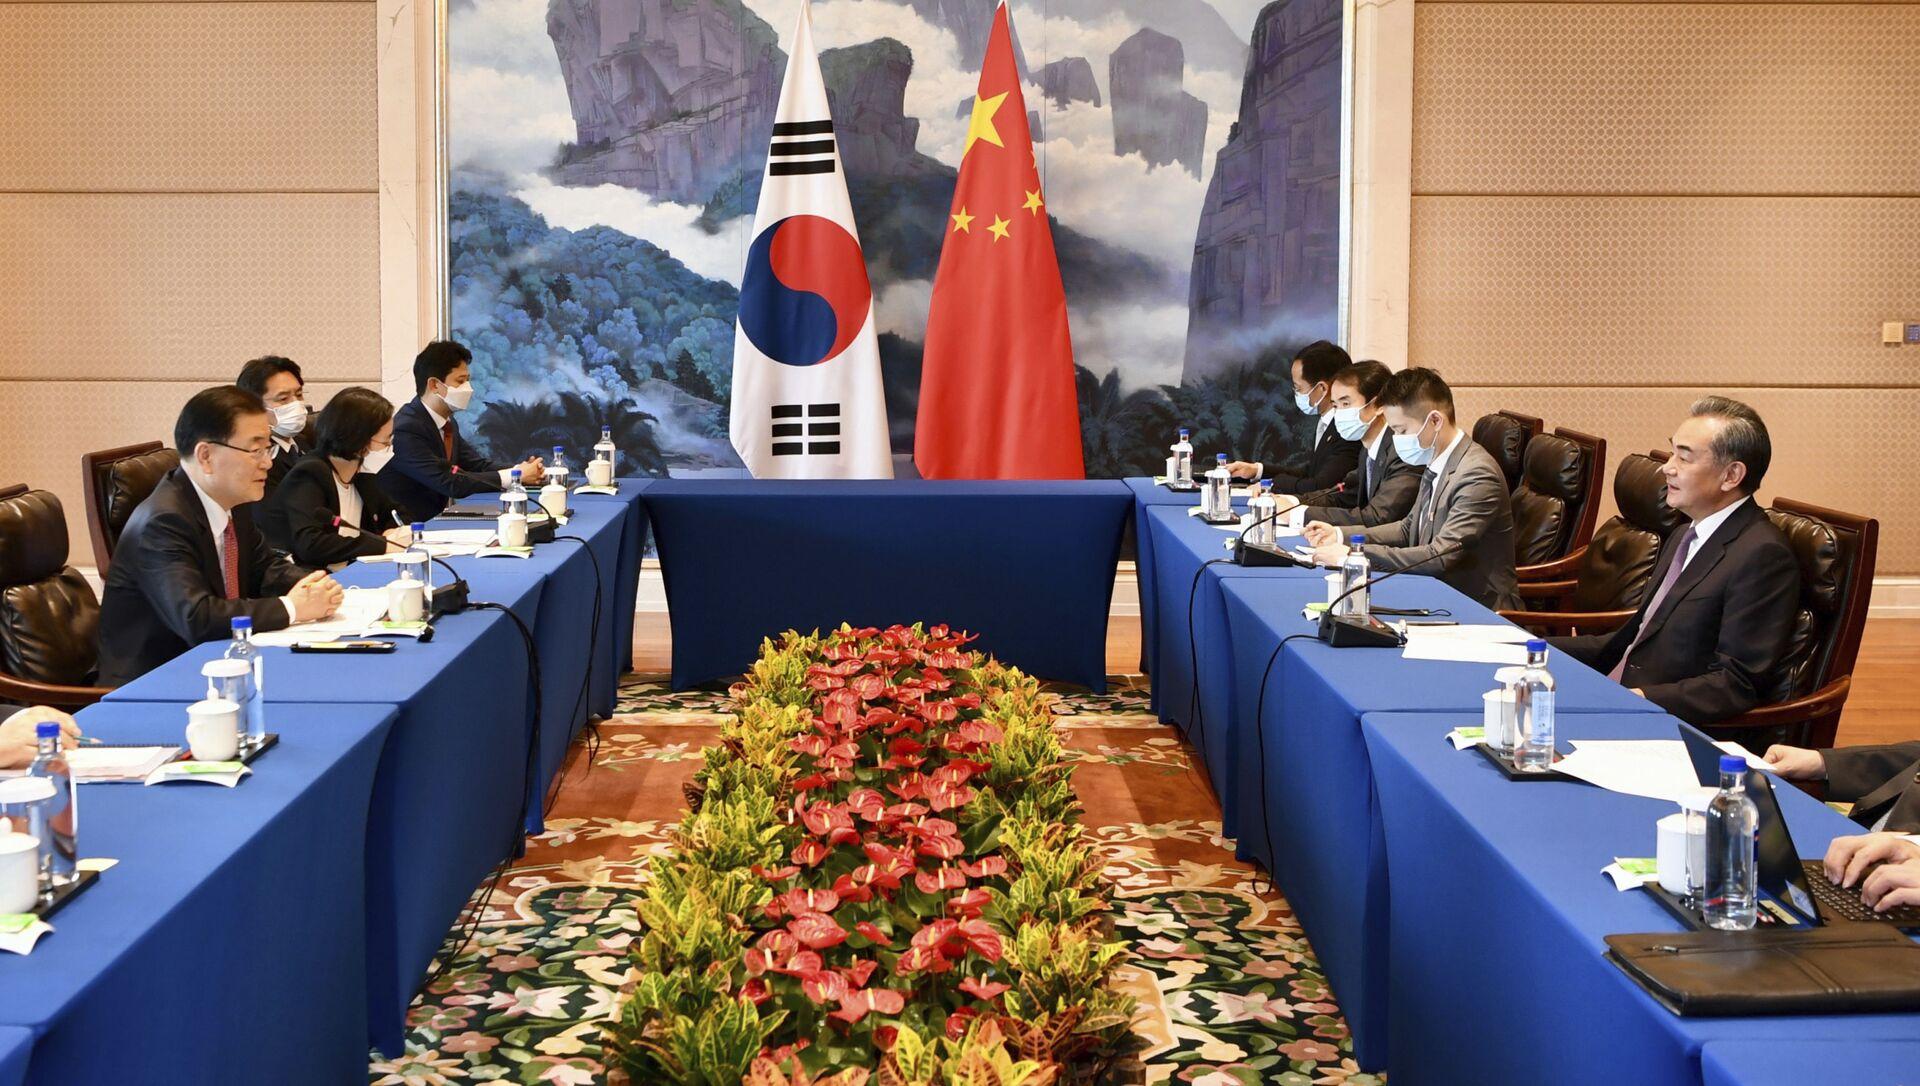 Hội nghị Bộ trưởng Ngoại giao Cộng hòa Nhân dân Trung Hoa Vương Nghị và Hàn Quốc Jun Eui Young tại Hạ Môn, Trung Quốc - Sputnik Việt Nam, 1920, 06.04.2021